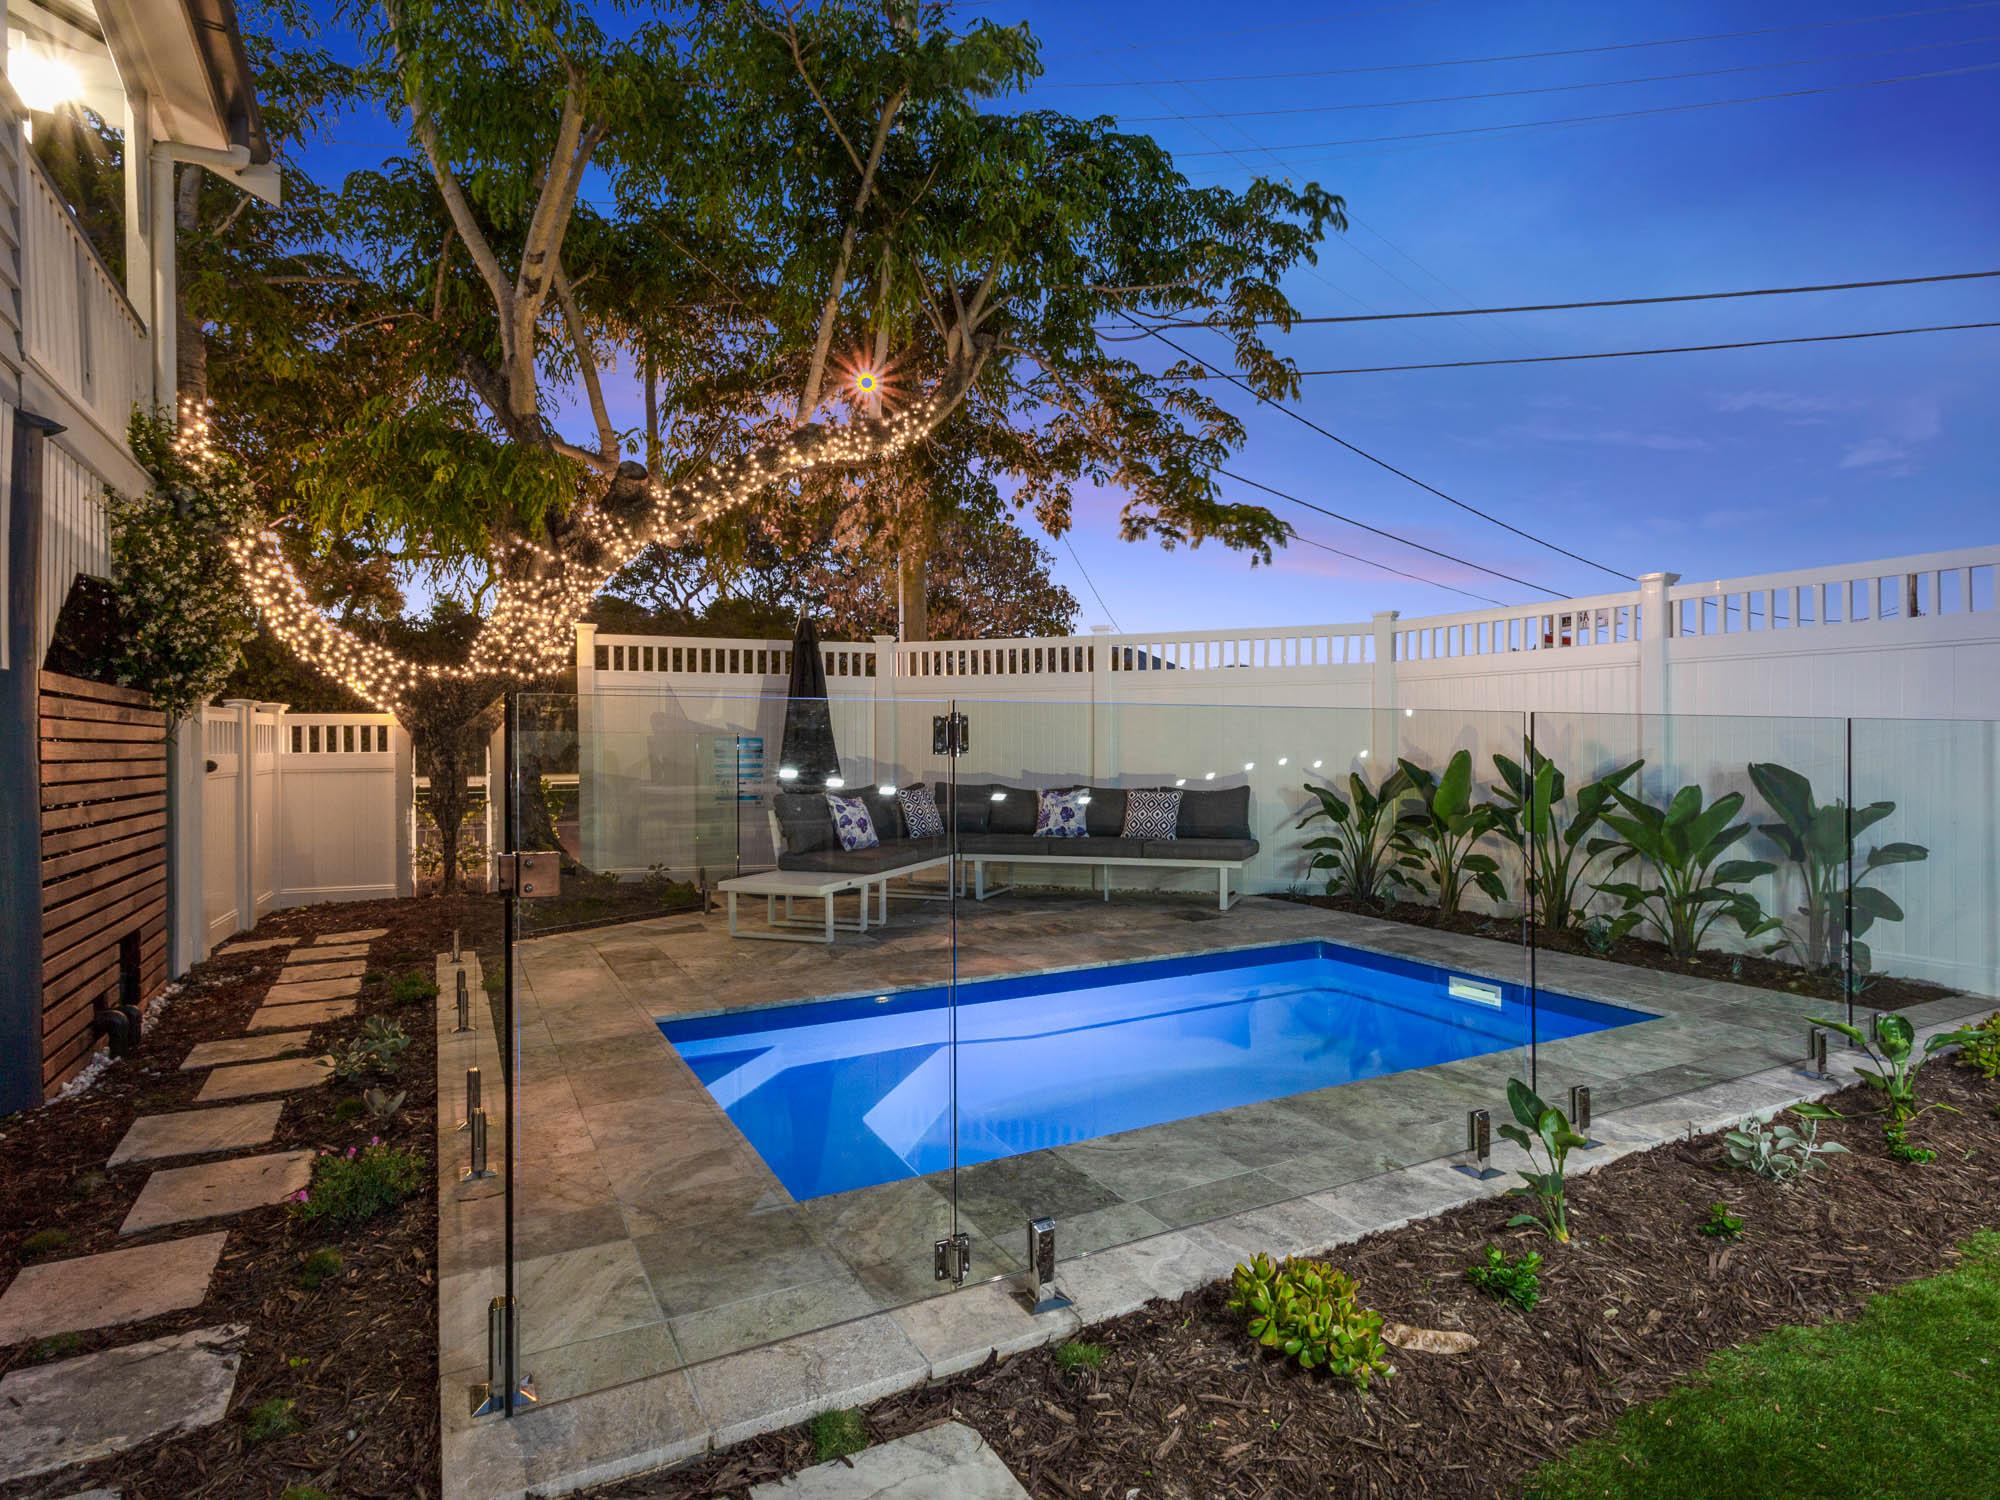 Bermuda Blue Plunge Pool Builder Brisbane